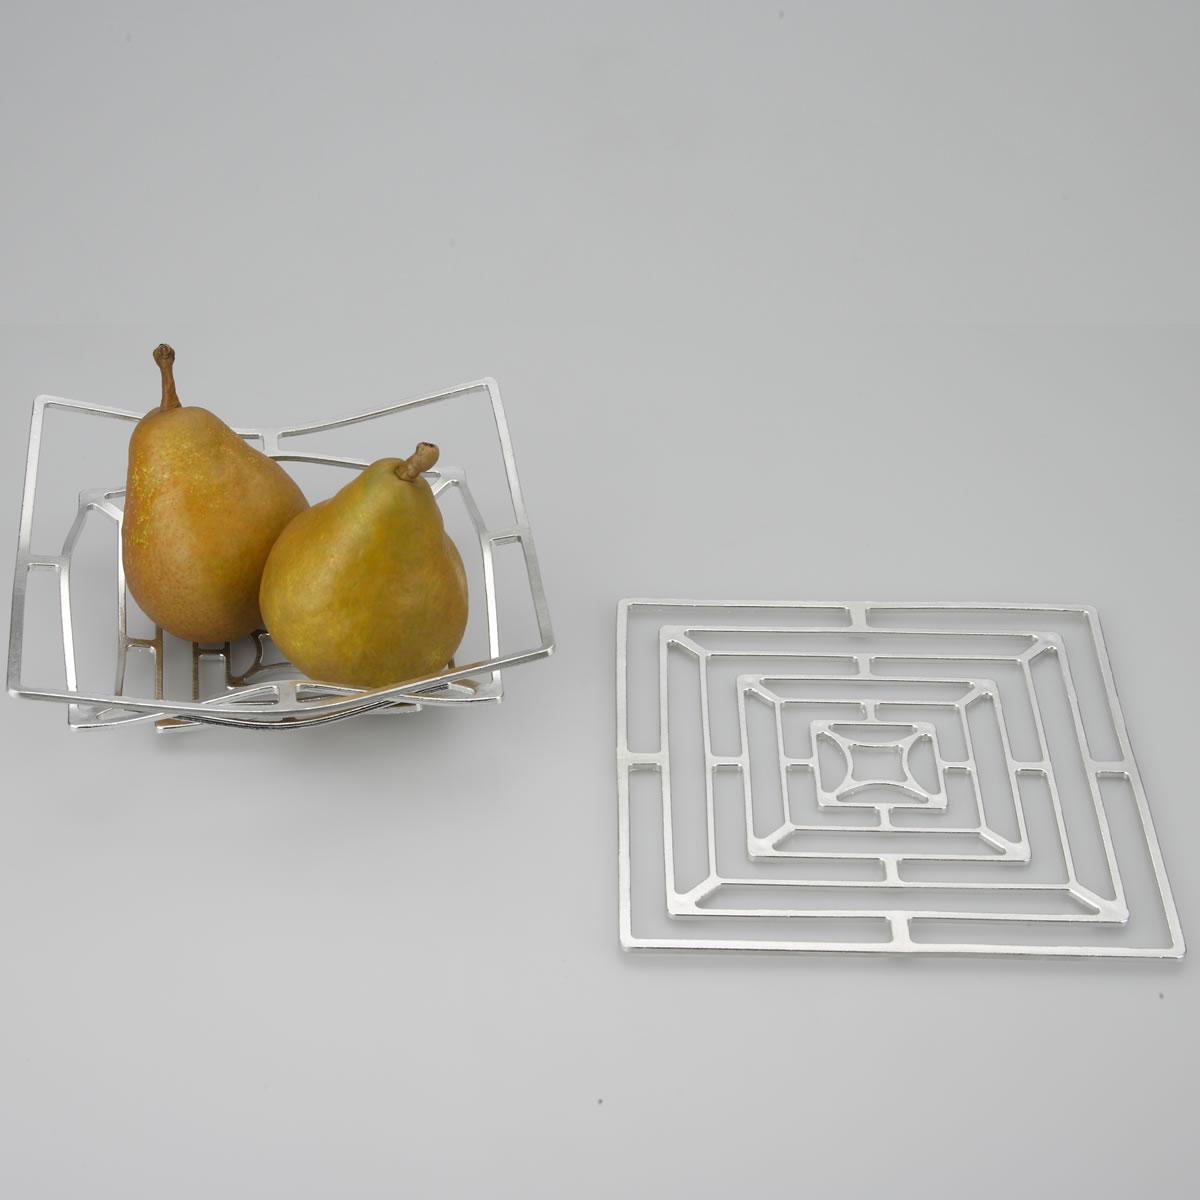 能作 KAGO スクエア M  鋳物 錫 かご インテリア オブジェ アレンジ 贈り物/ギフト/プレゼント/富山